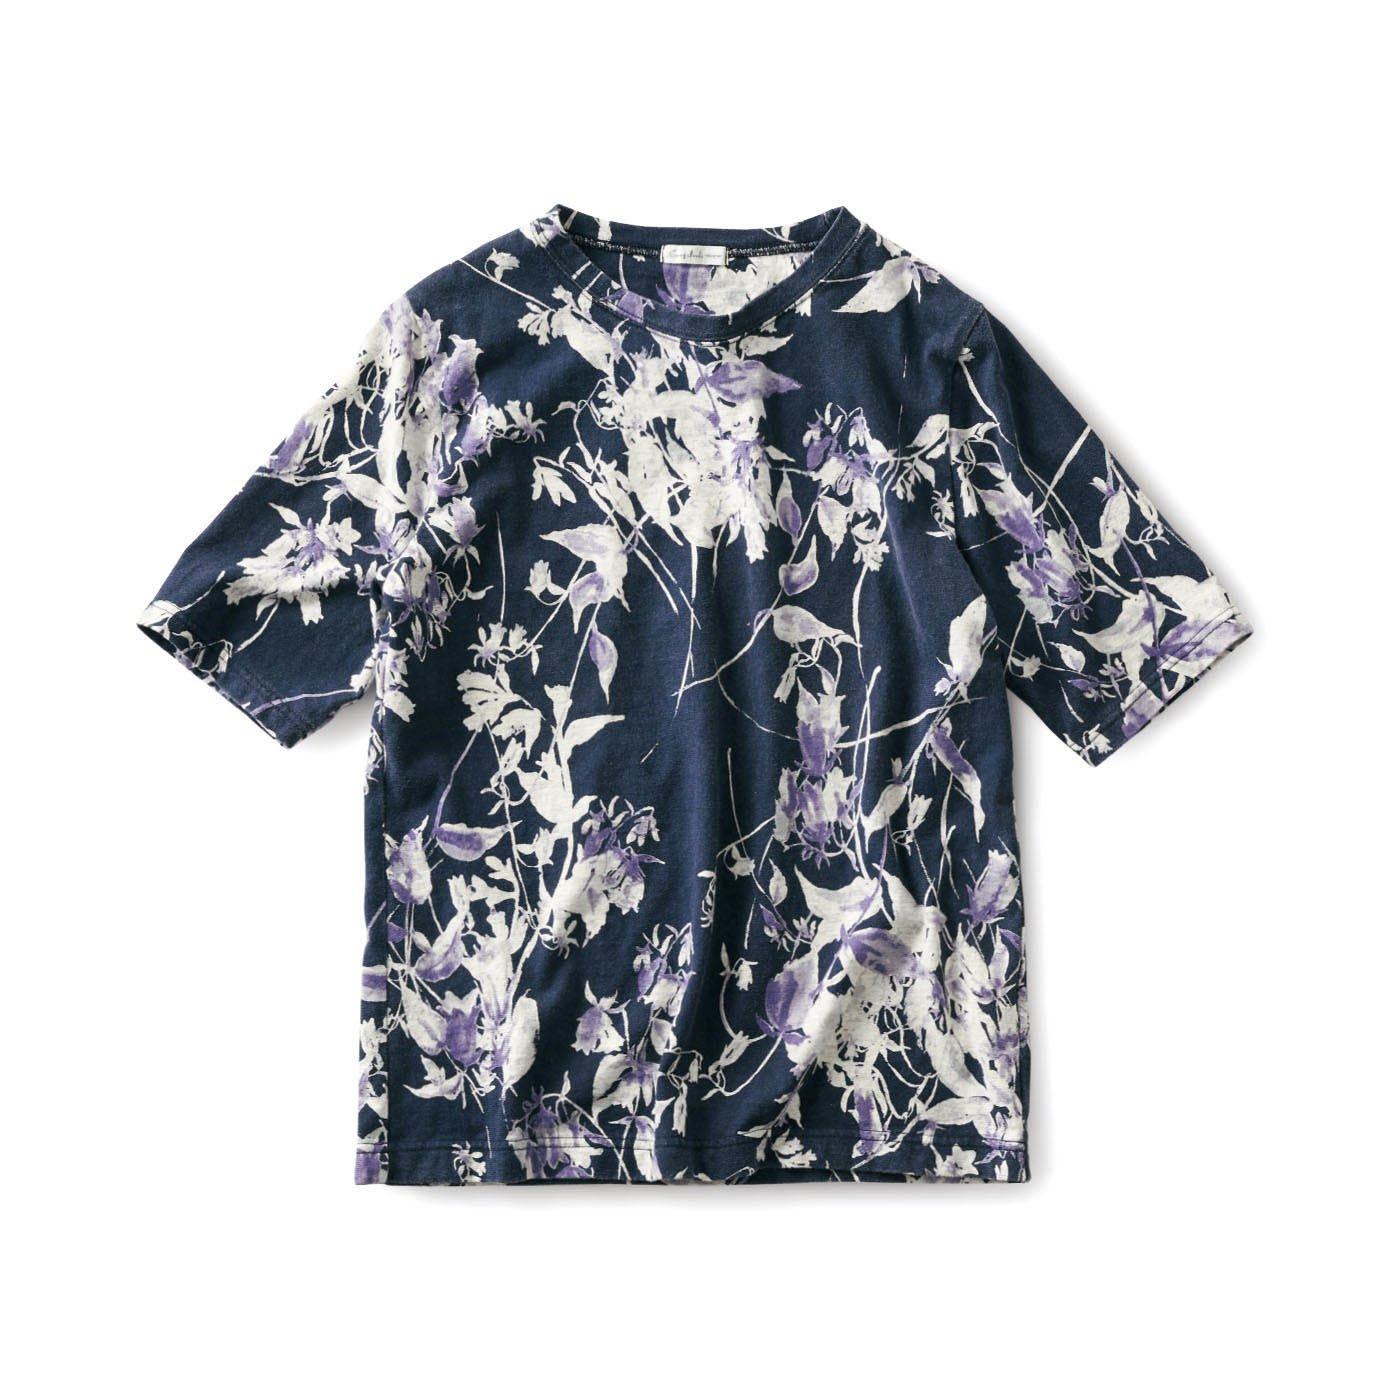 サニークラウズ 味わいのある総柄Tシャツ〈レディース〉